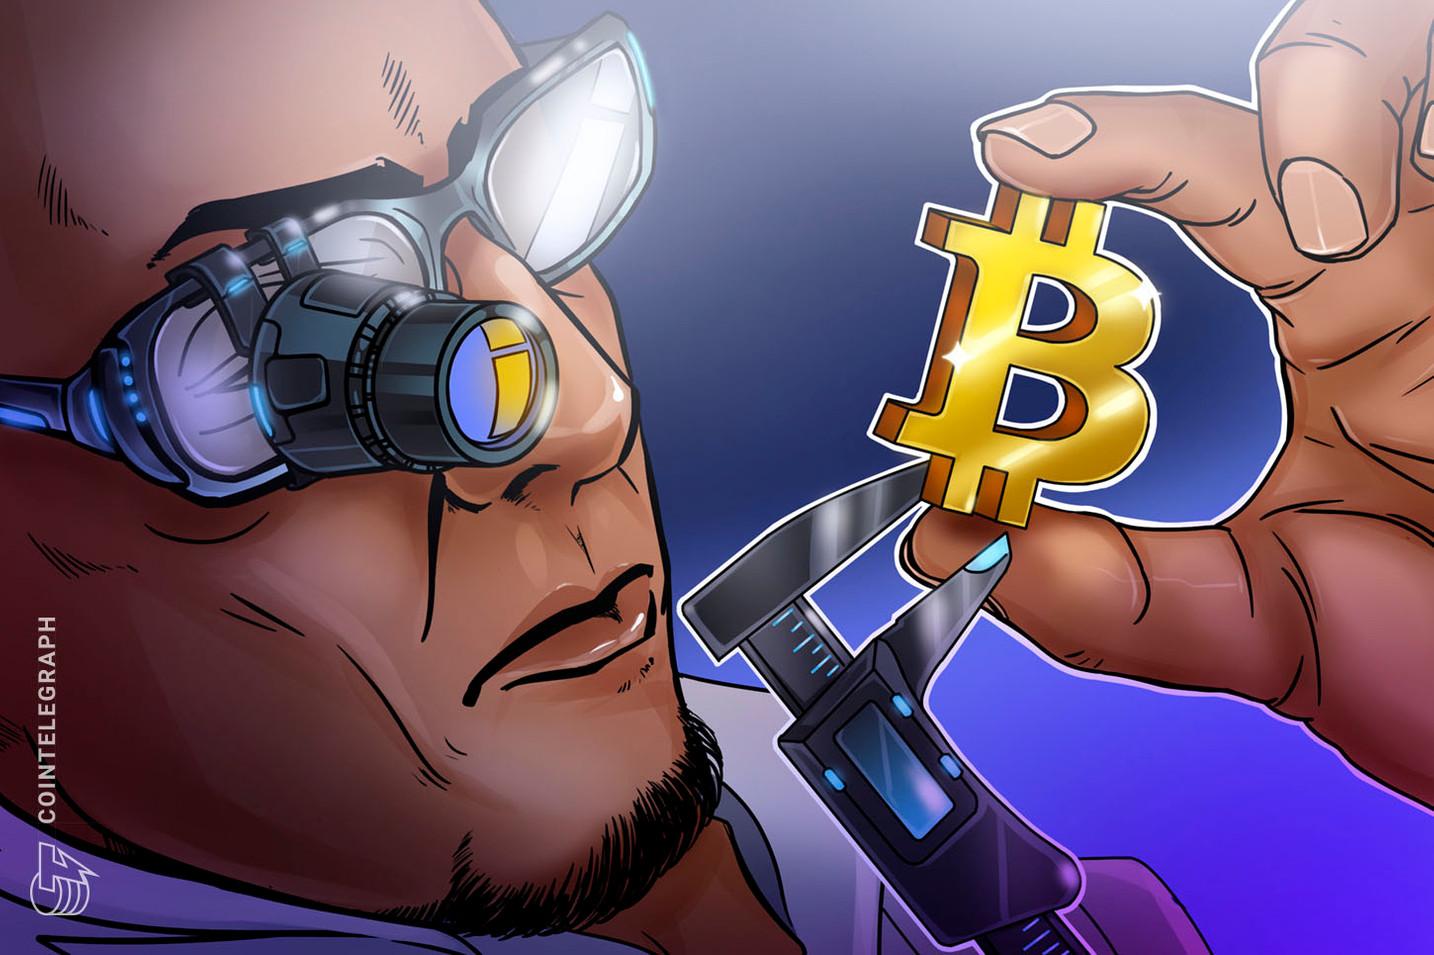 Teknikal Bitcoin: Berapa rendah harga BTC setelah gagal pada rintangan $ 42K?